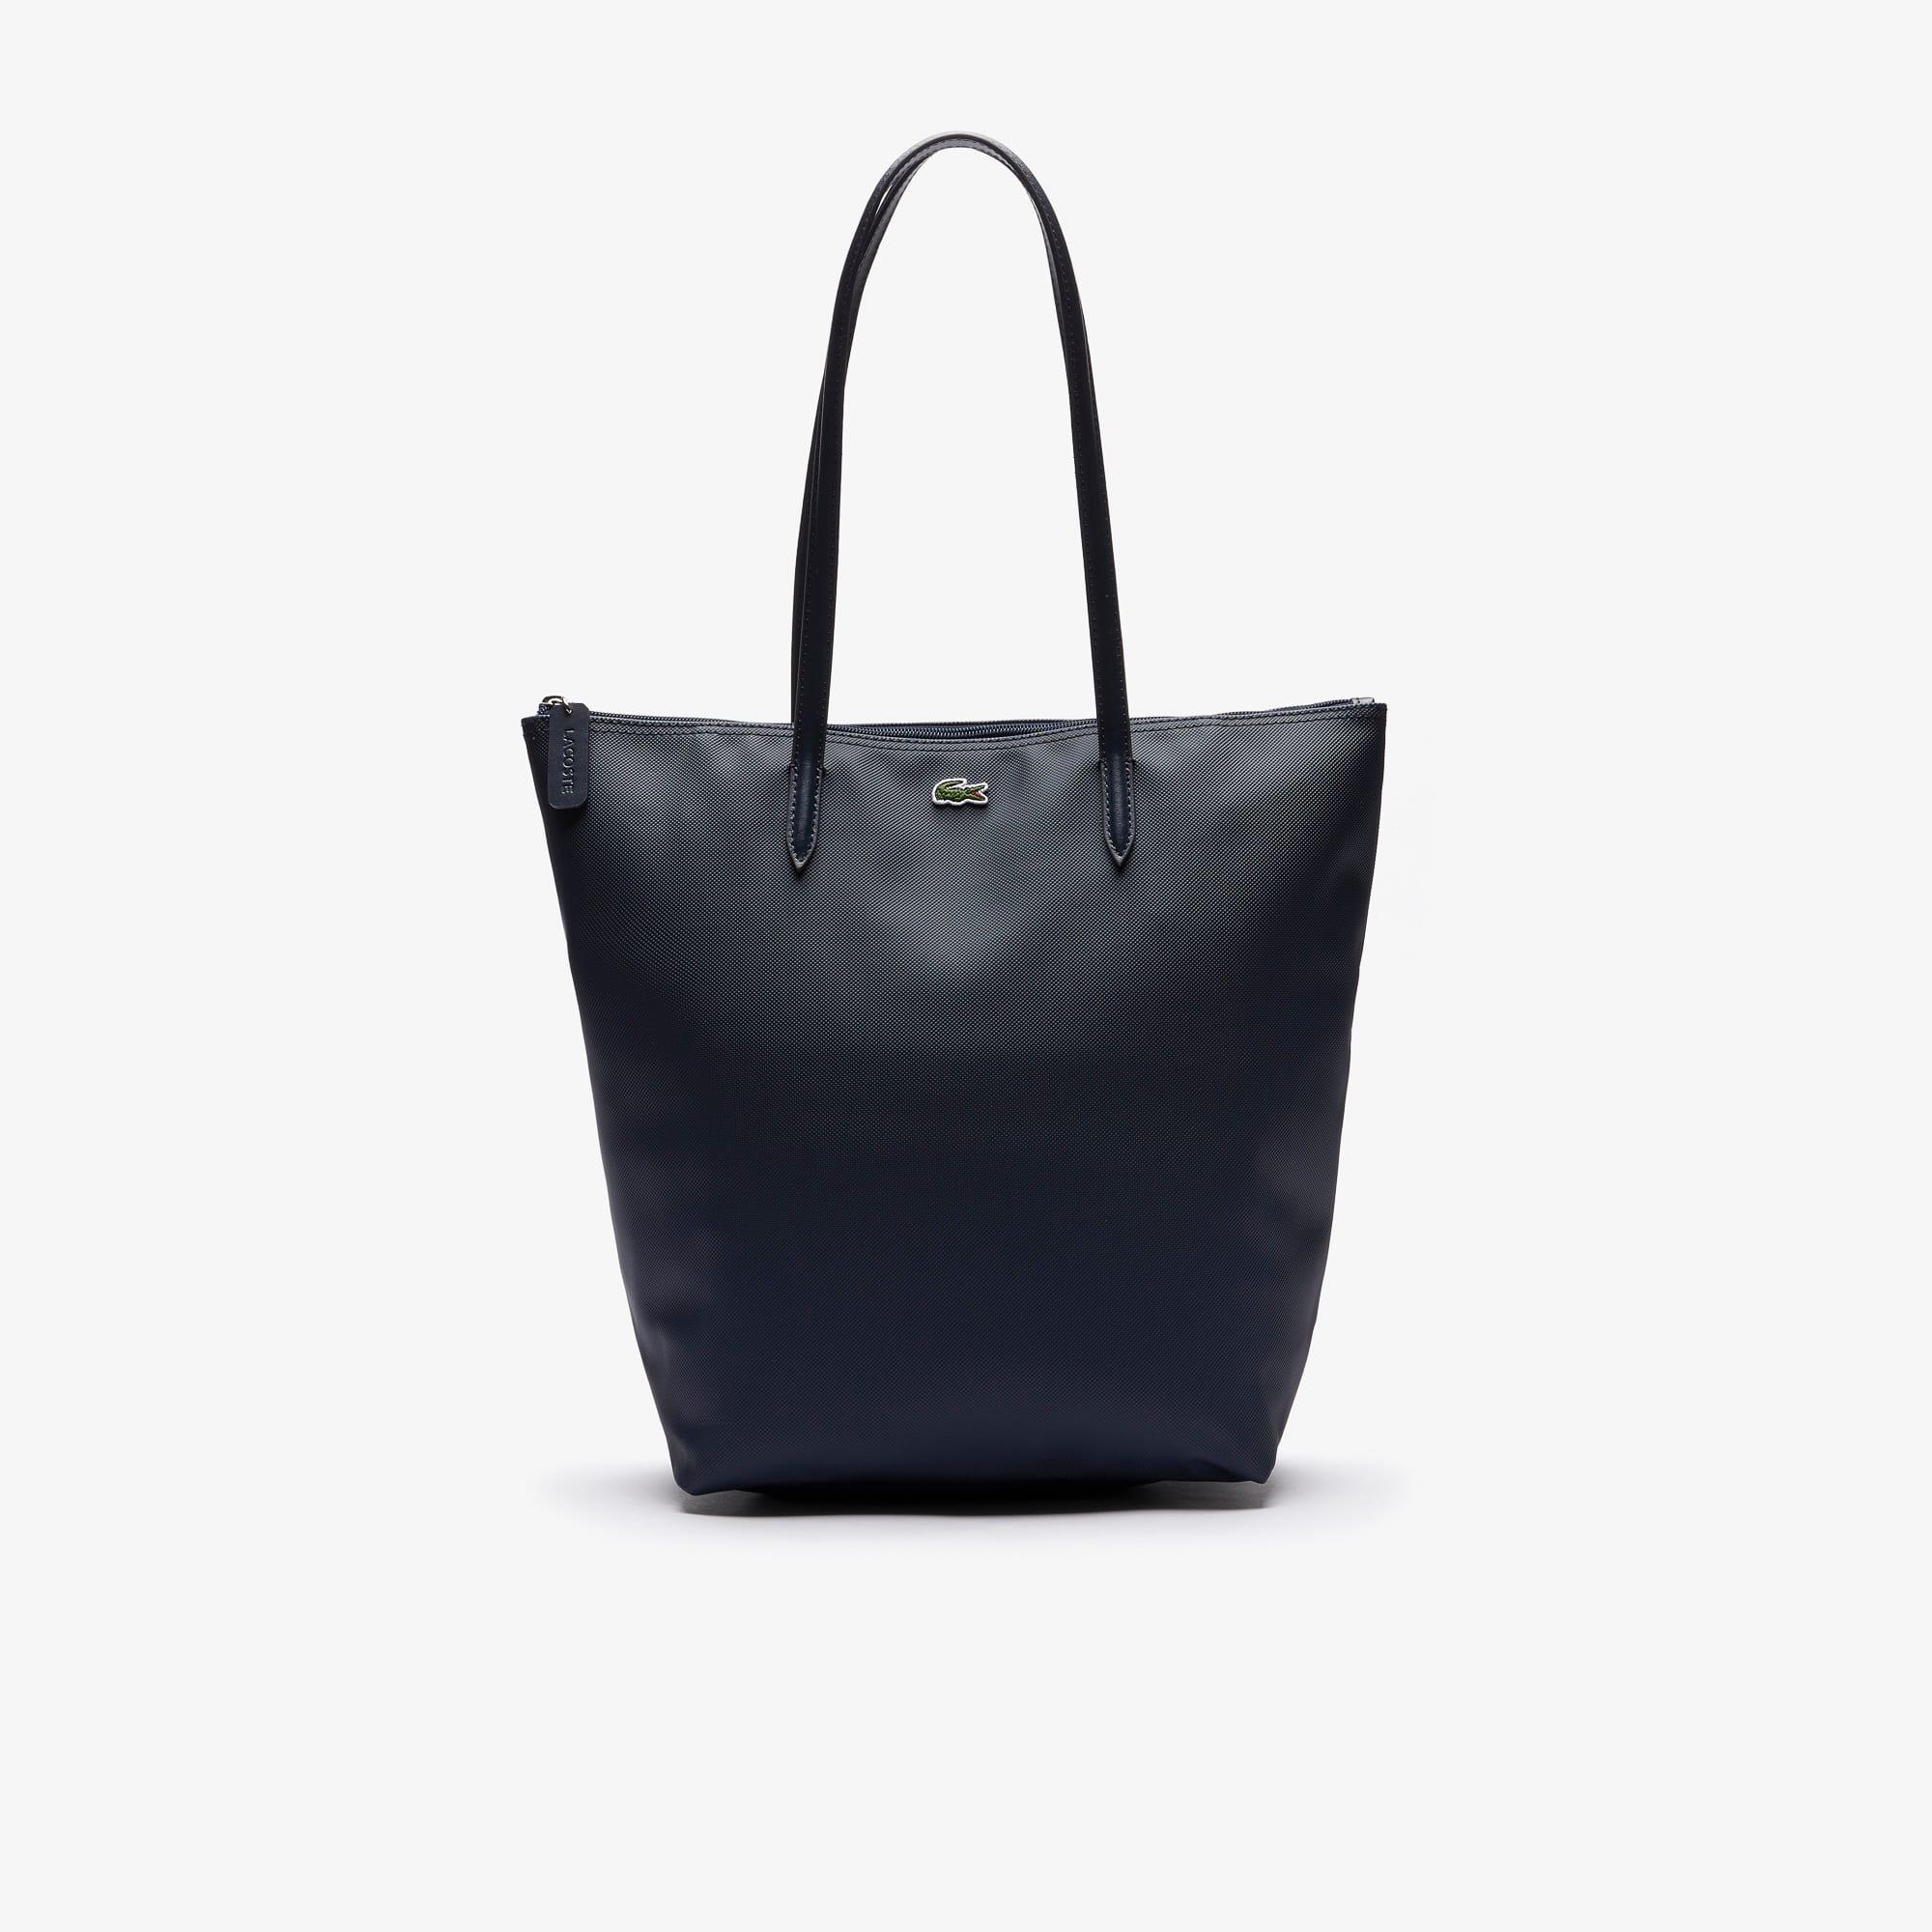 Bolso de mano de mujer vertical con cremallera de la colección L.12.12 Concept